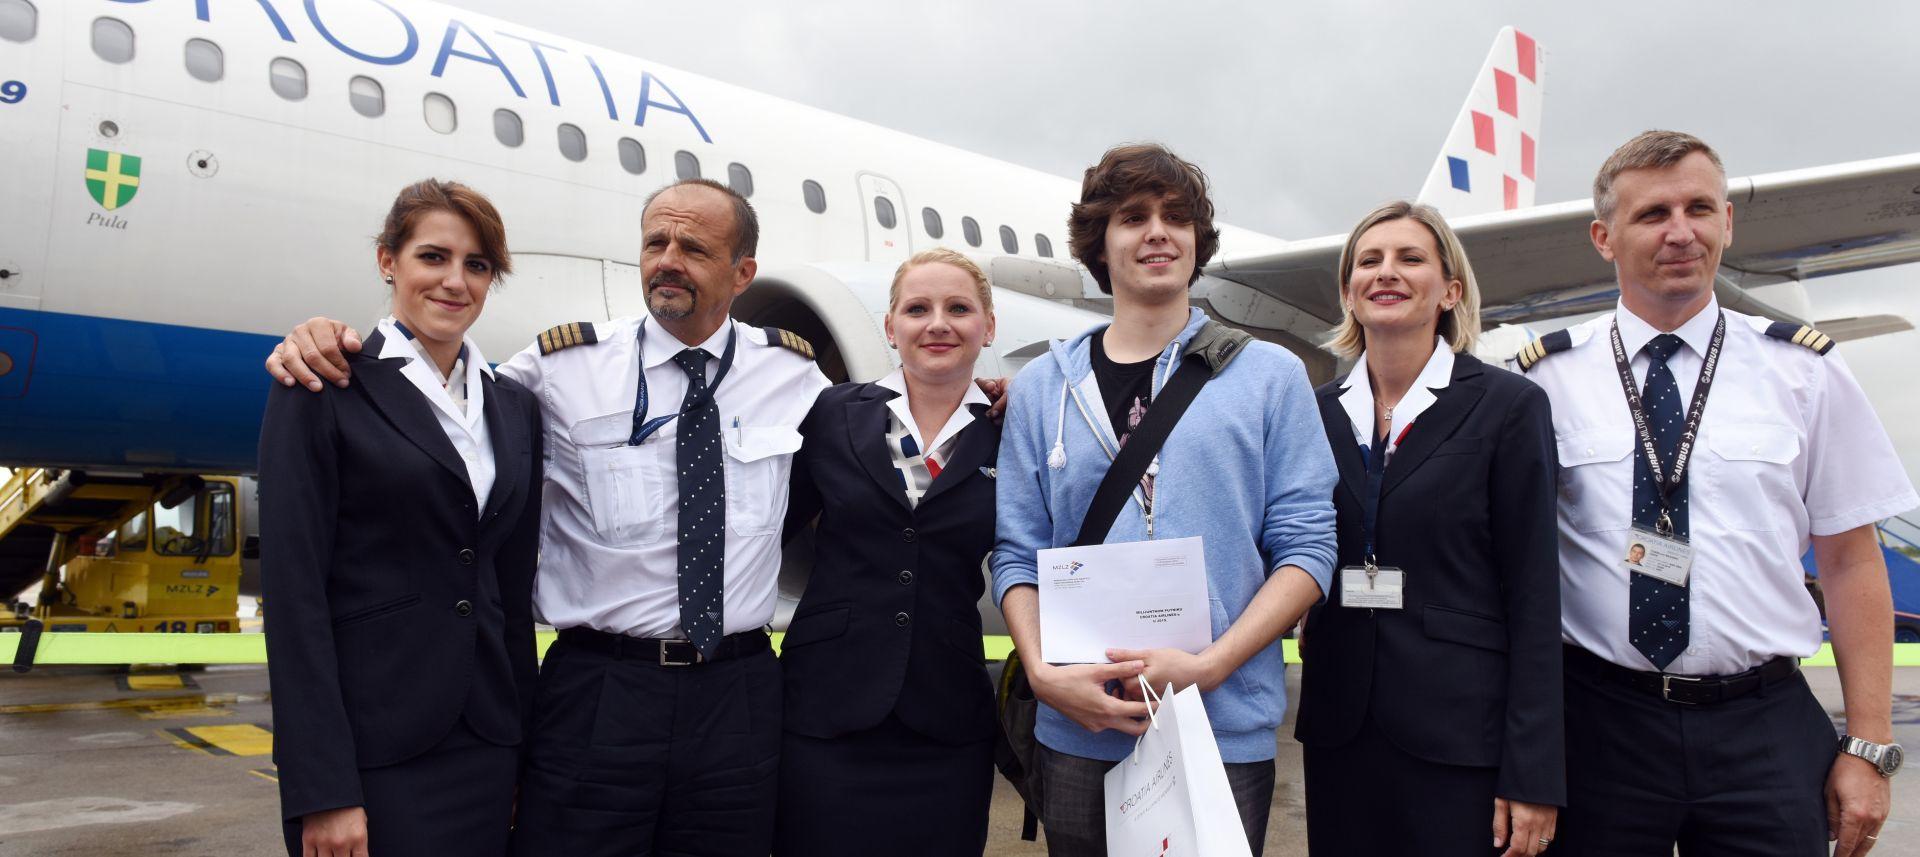 DVA DANA RANIJE NEGO LANI: Milijunti ovogodišnji putnik Croatia Airlinesa